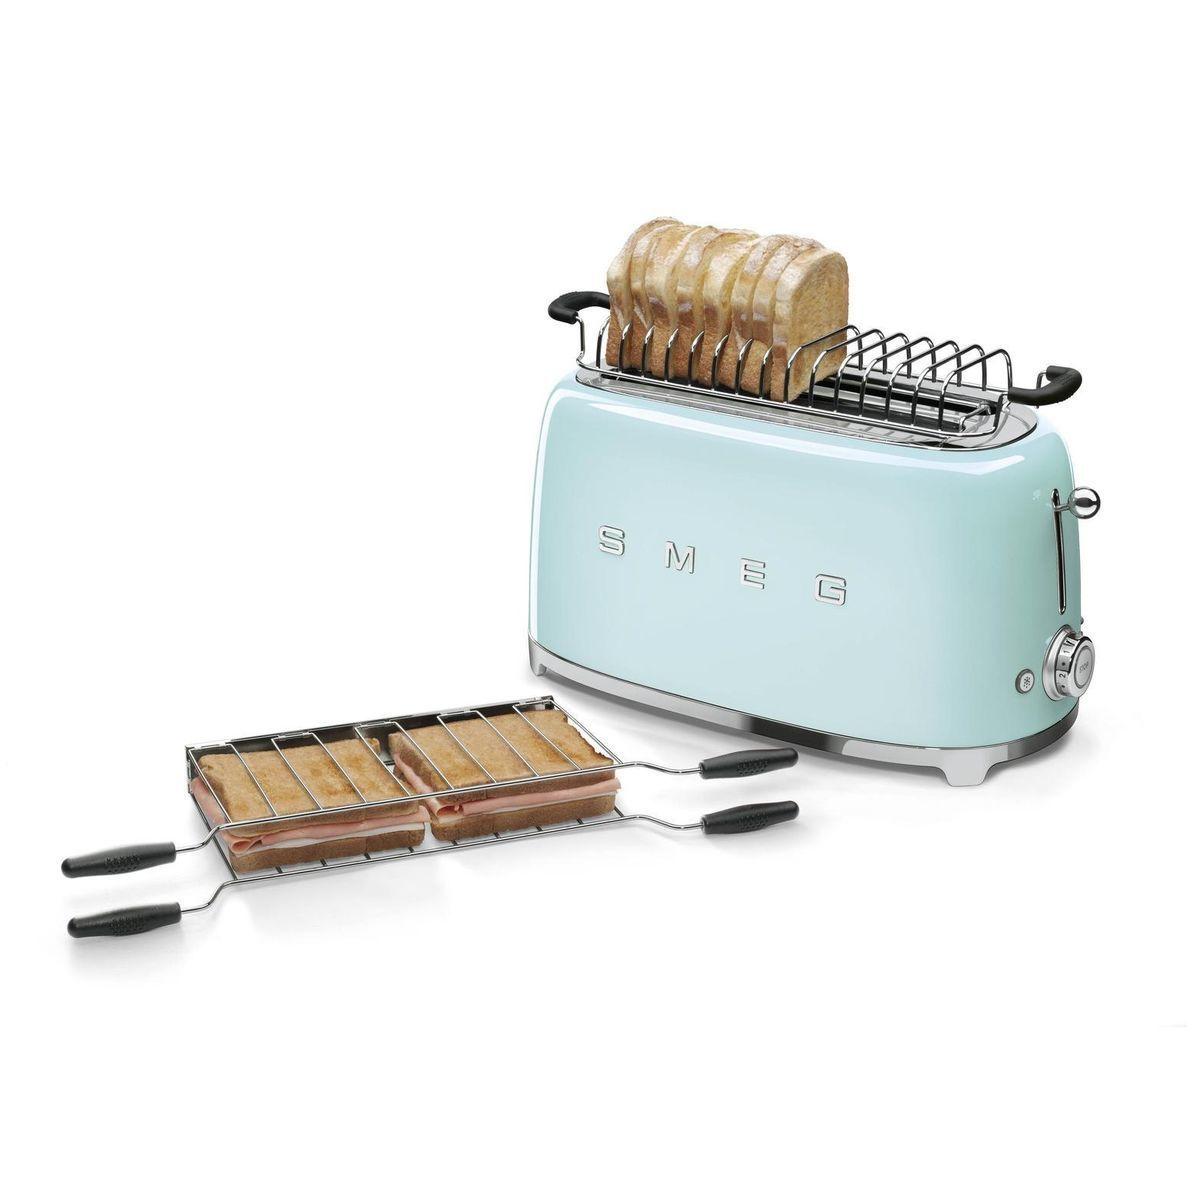 Colour Trend Smeg Toaster 4 Slices Tsf02 Smeg Ambientedirect Com